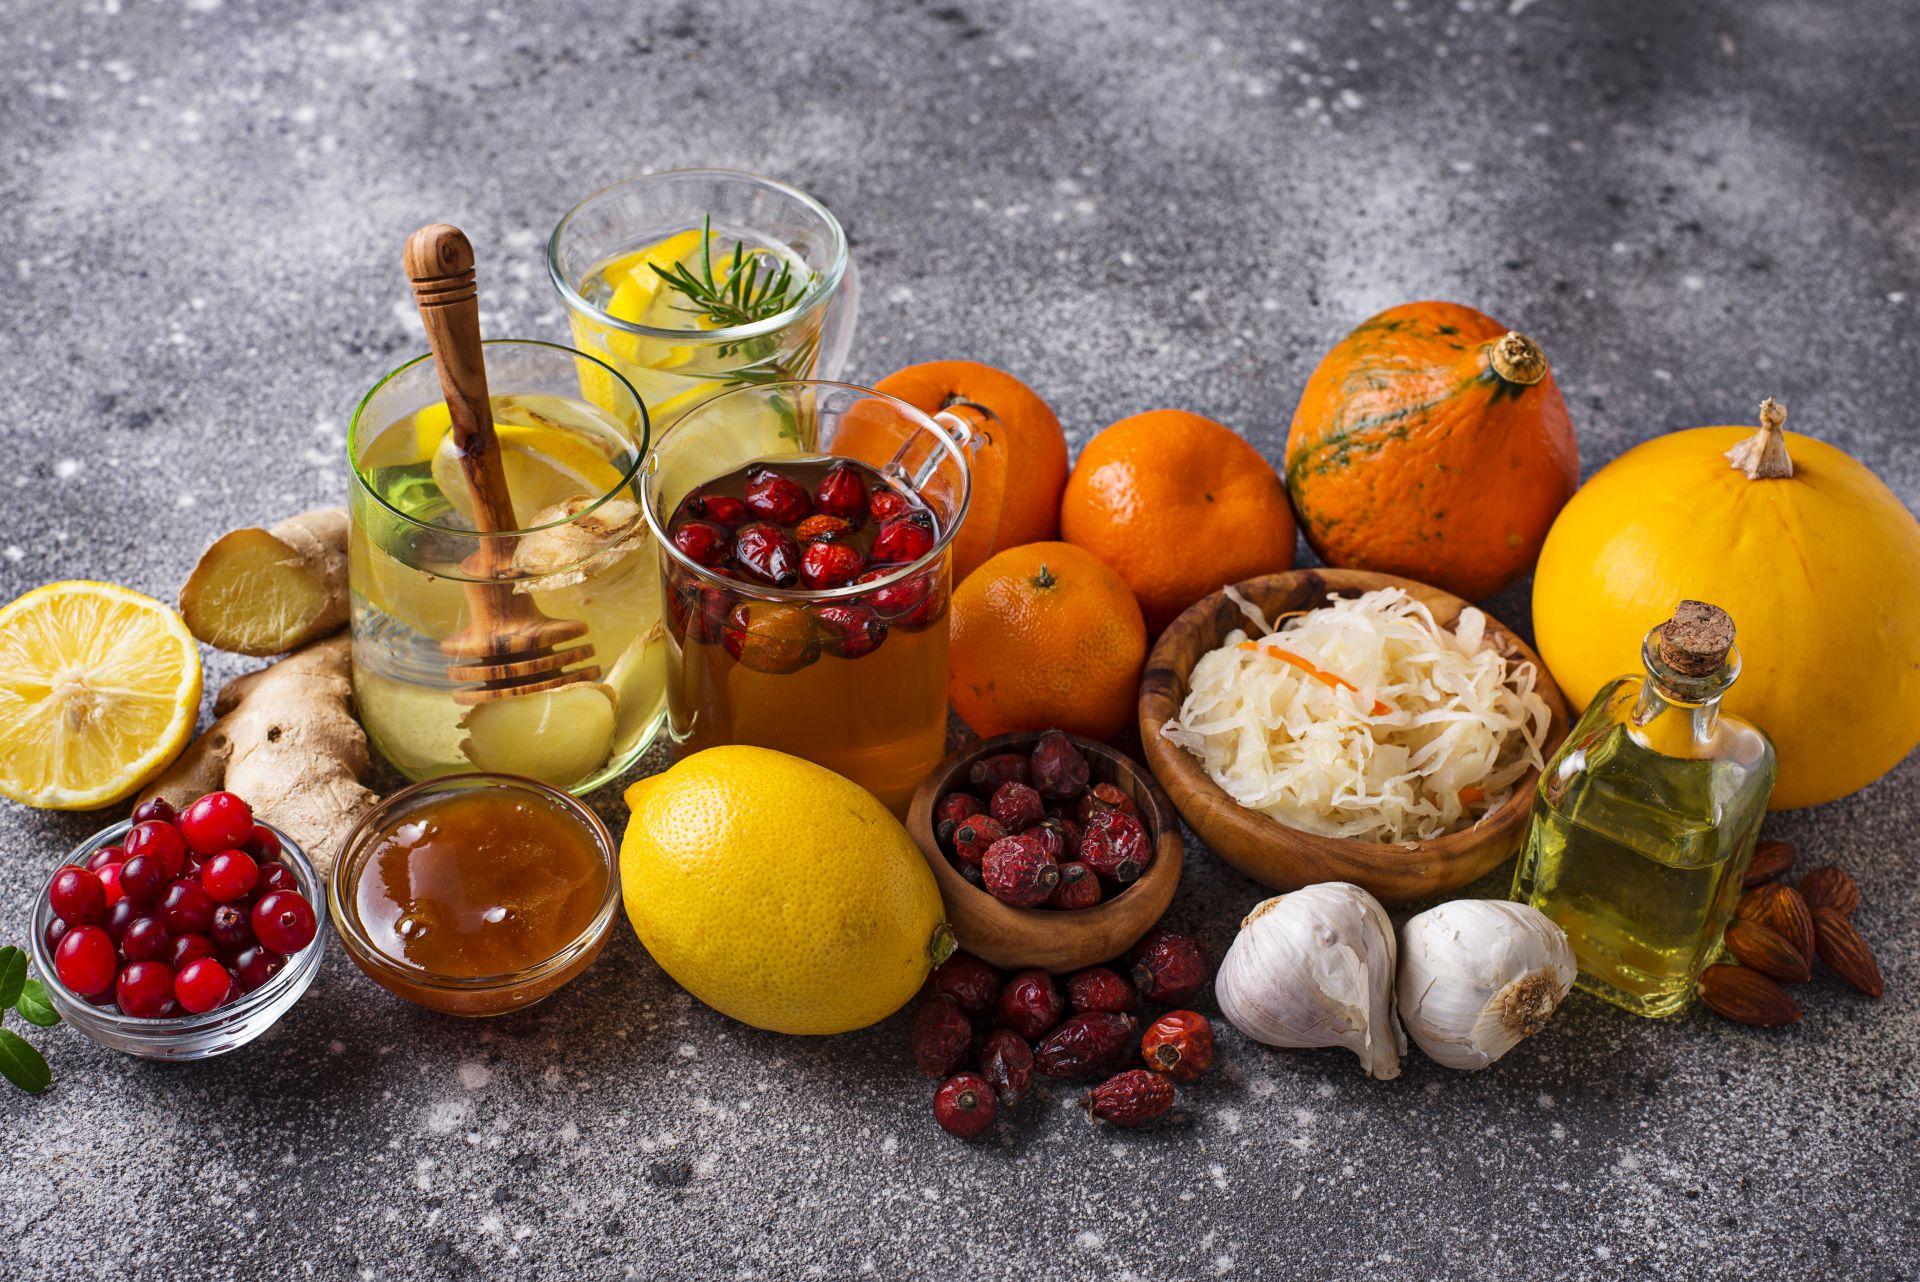 Dieta jesienna na odporność powinna być zbilansowana i zawierać dużo kwasów tłuszczowych Omega-3, kwasów DHA i EPA, witamin i składników odżywczych, które pozytywnie wpłyną na wzmocnienie organizmu. Jak powinno wyglądać jesienne menu?